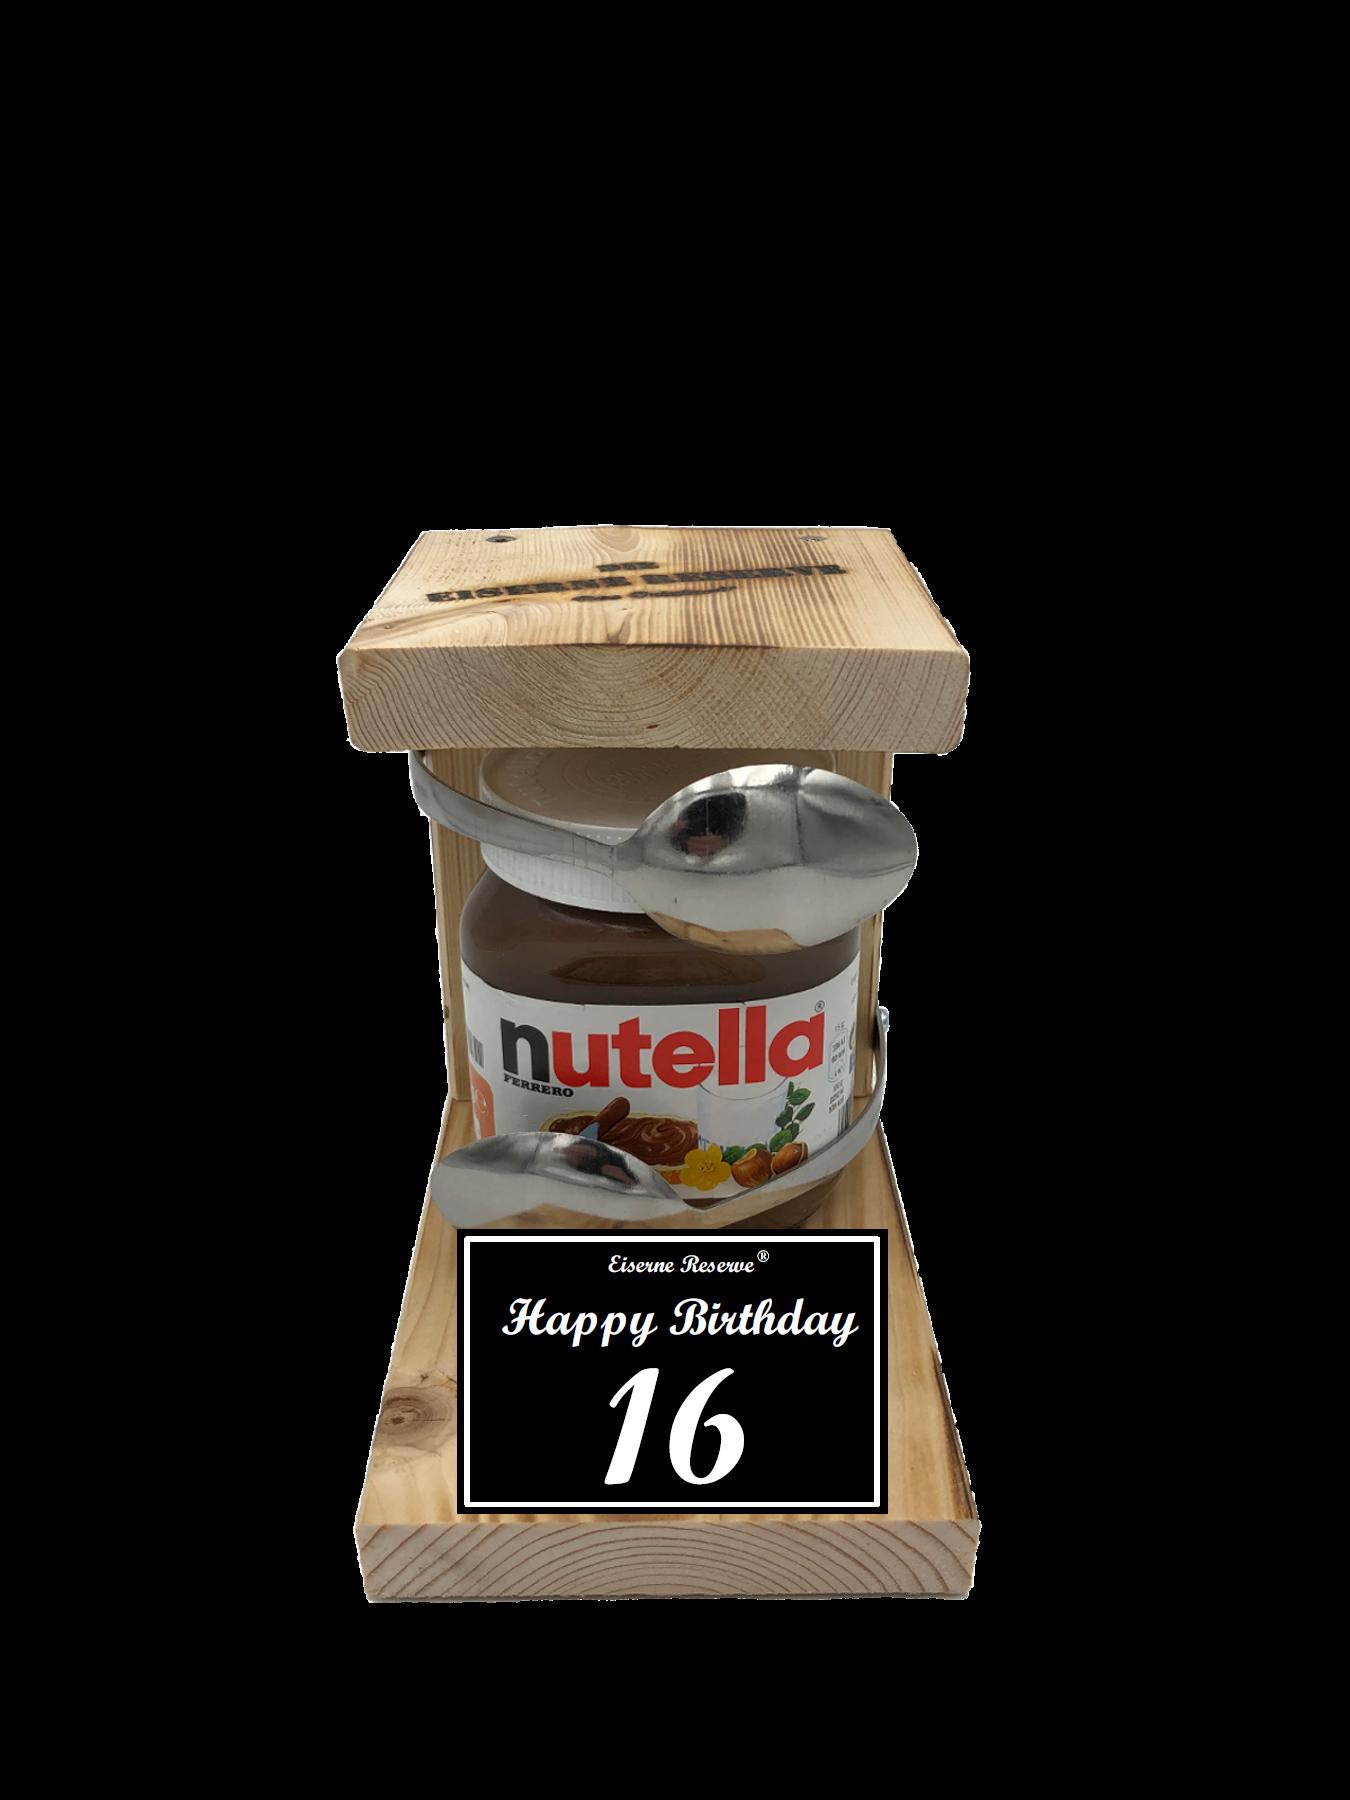 16 Happy Birthday Löffel Nutella Geschenk - Die Nutella Geschenkidee